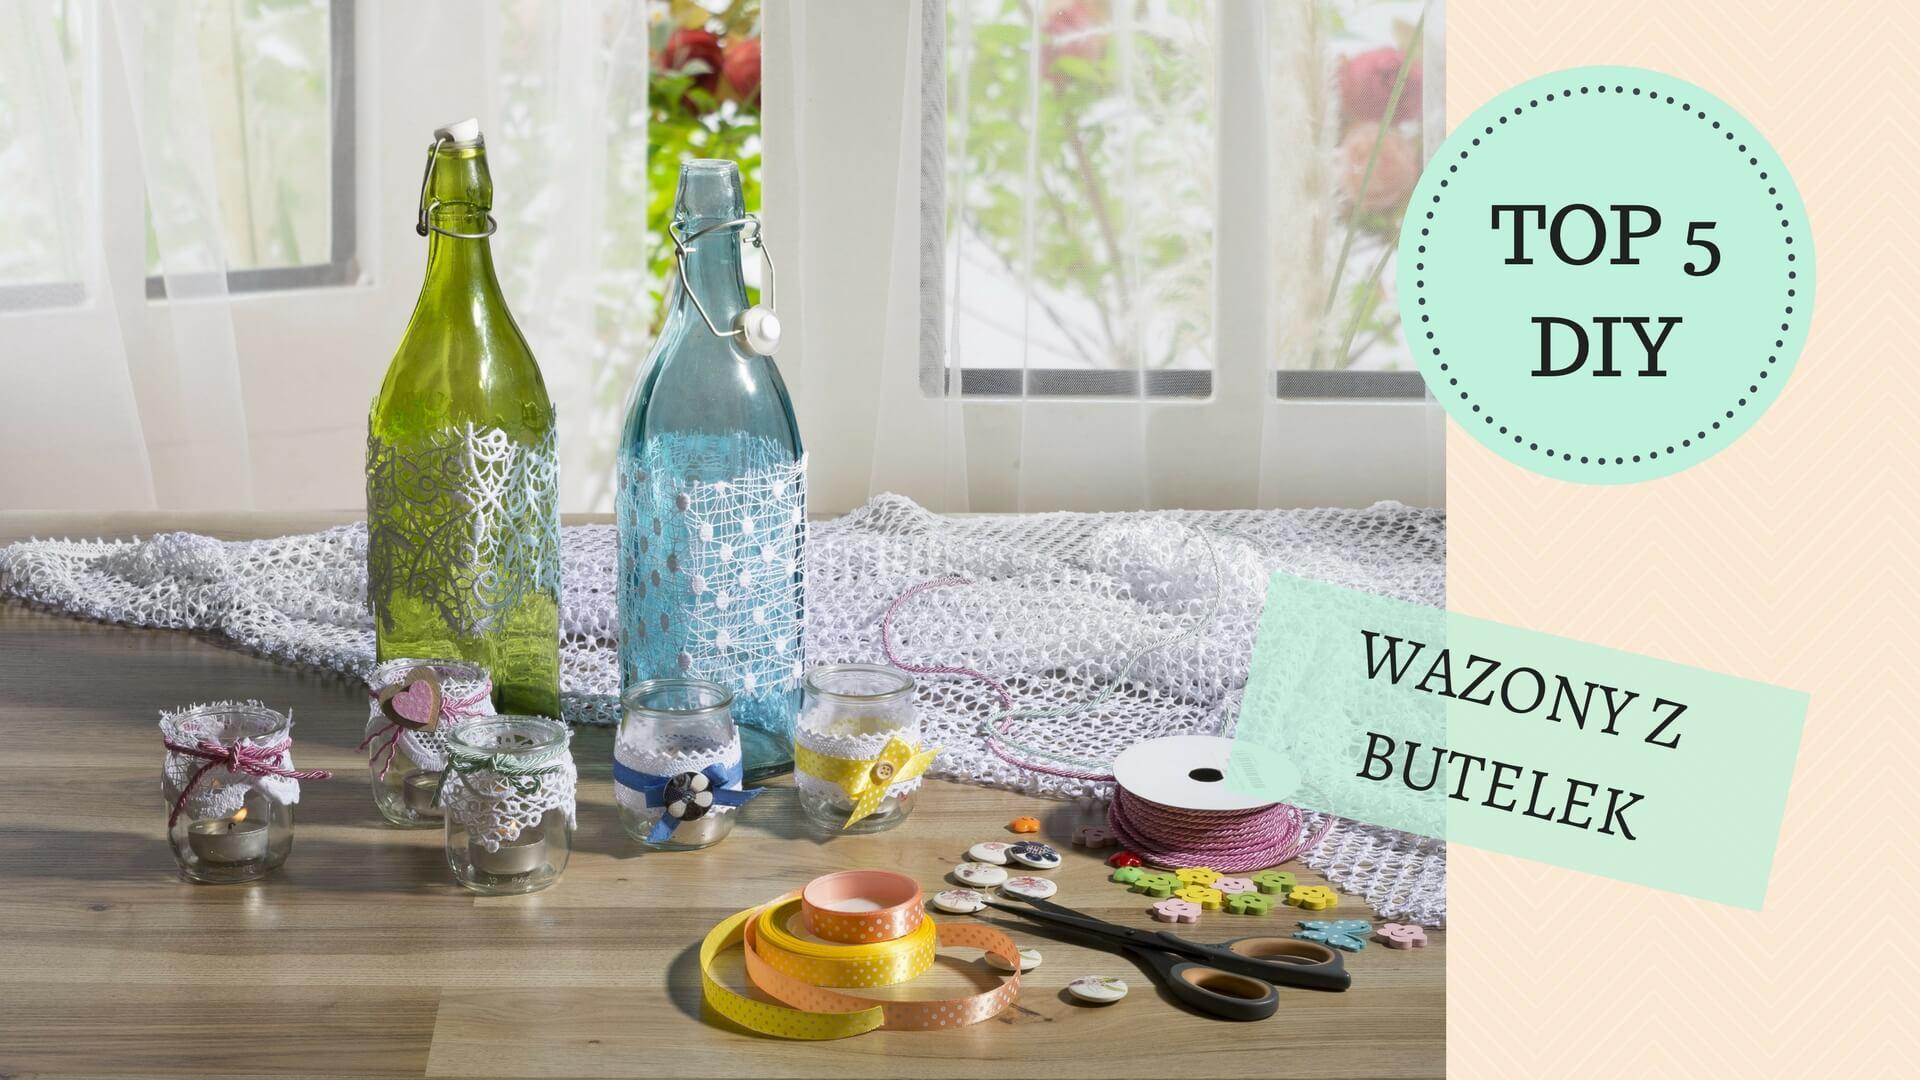 Wazon z butelki i nie tylko, czyli 5 pomysłów na wazony DIY